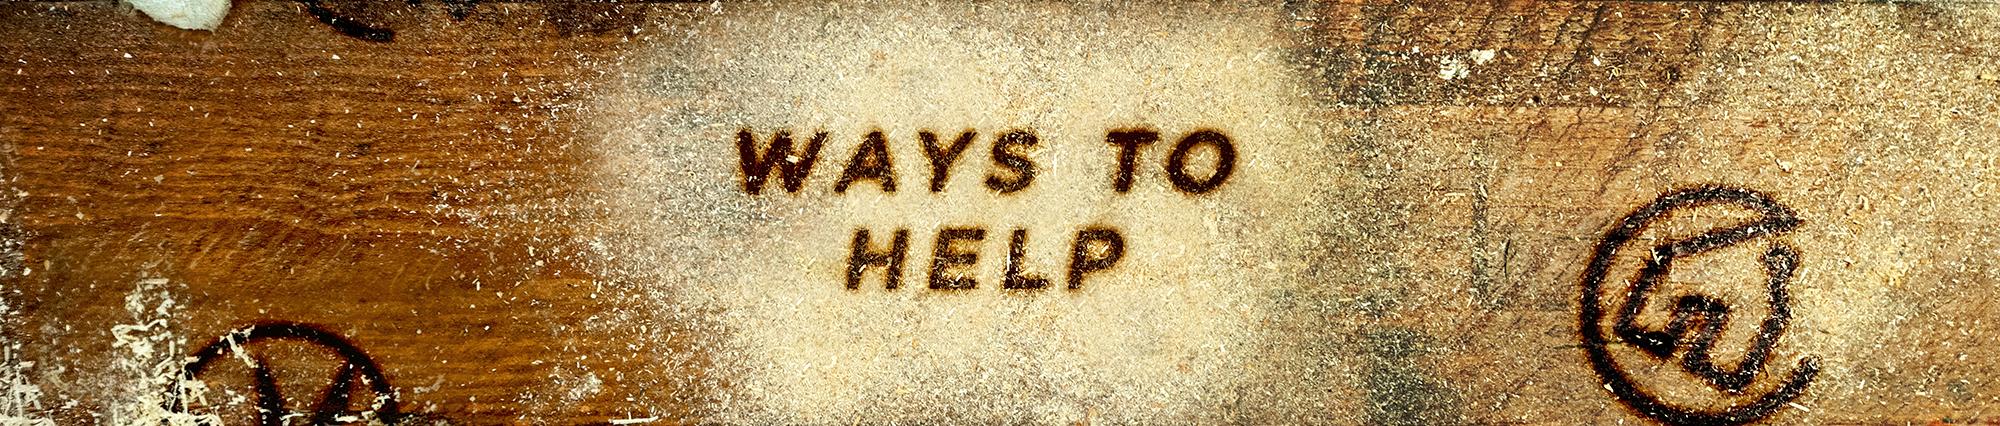 Ways to help.jpg